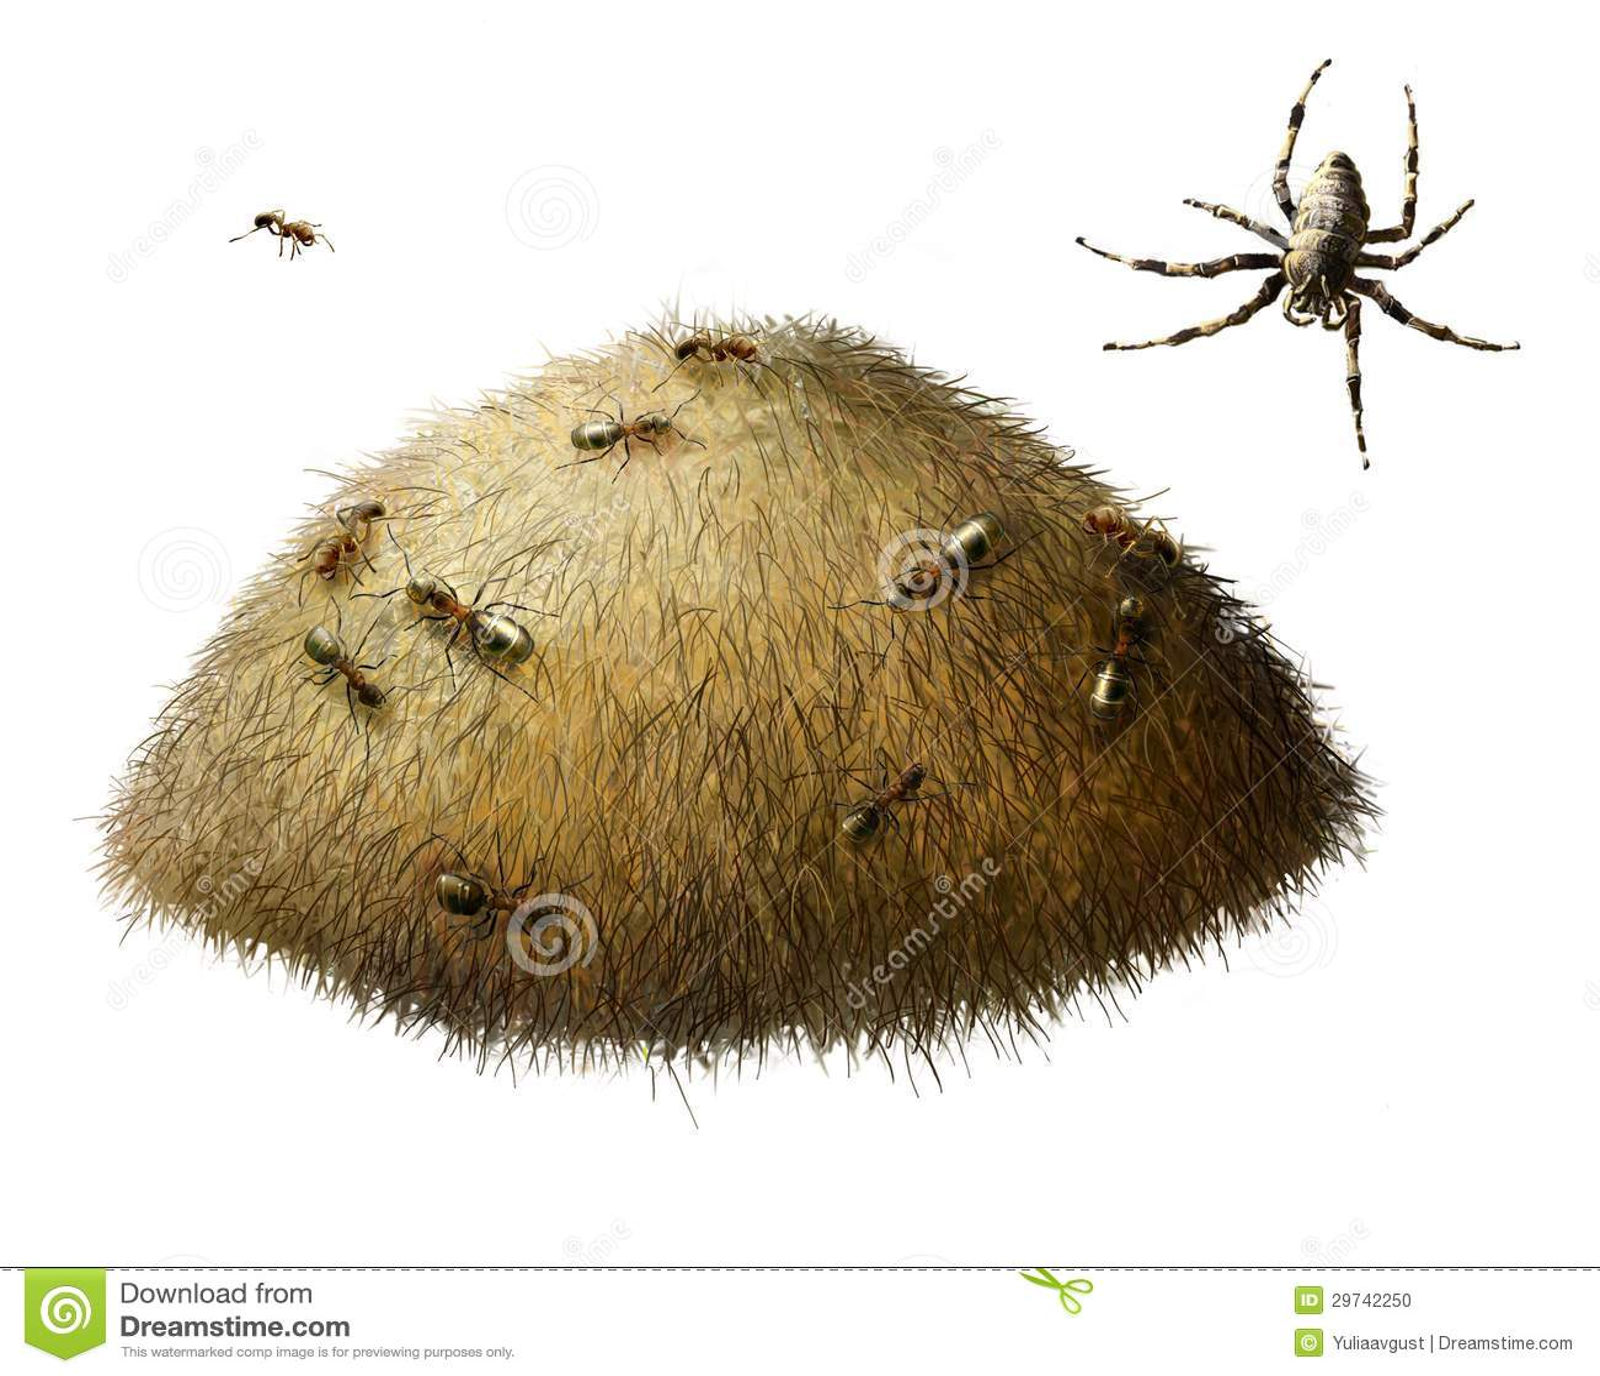 ameisenhaufen mit ameisen spinne stockfoto bild 29742250. Black Bedroom Furniture Sets. Home Design Ideas